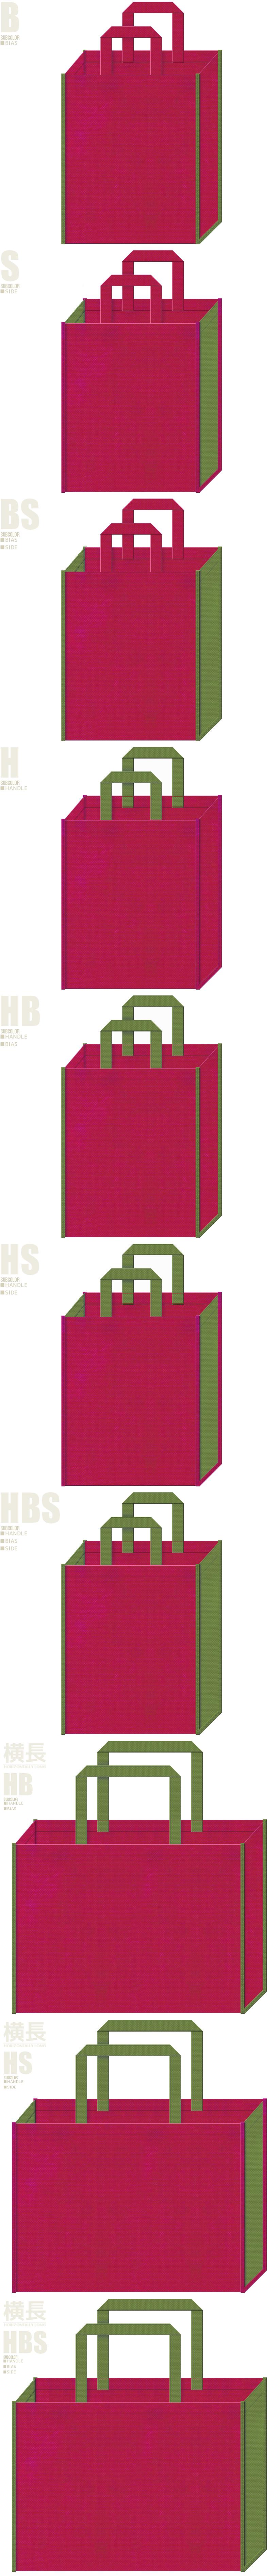 梅・メジロ・草履・着物・帯・和風催事・和雑貨・和小物のショッピングバッグにお奨めの不織布バッグデザイン:濃いピンク色と草色の配色7パターン